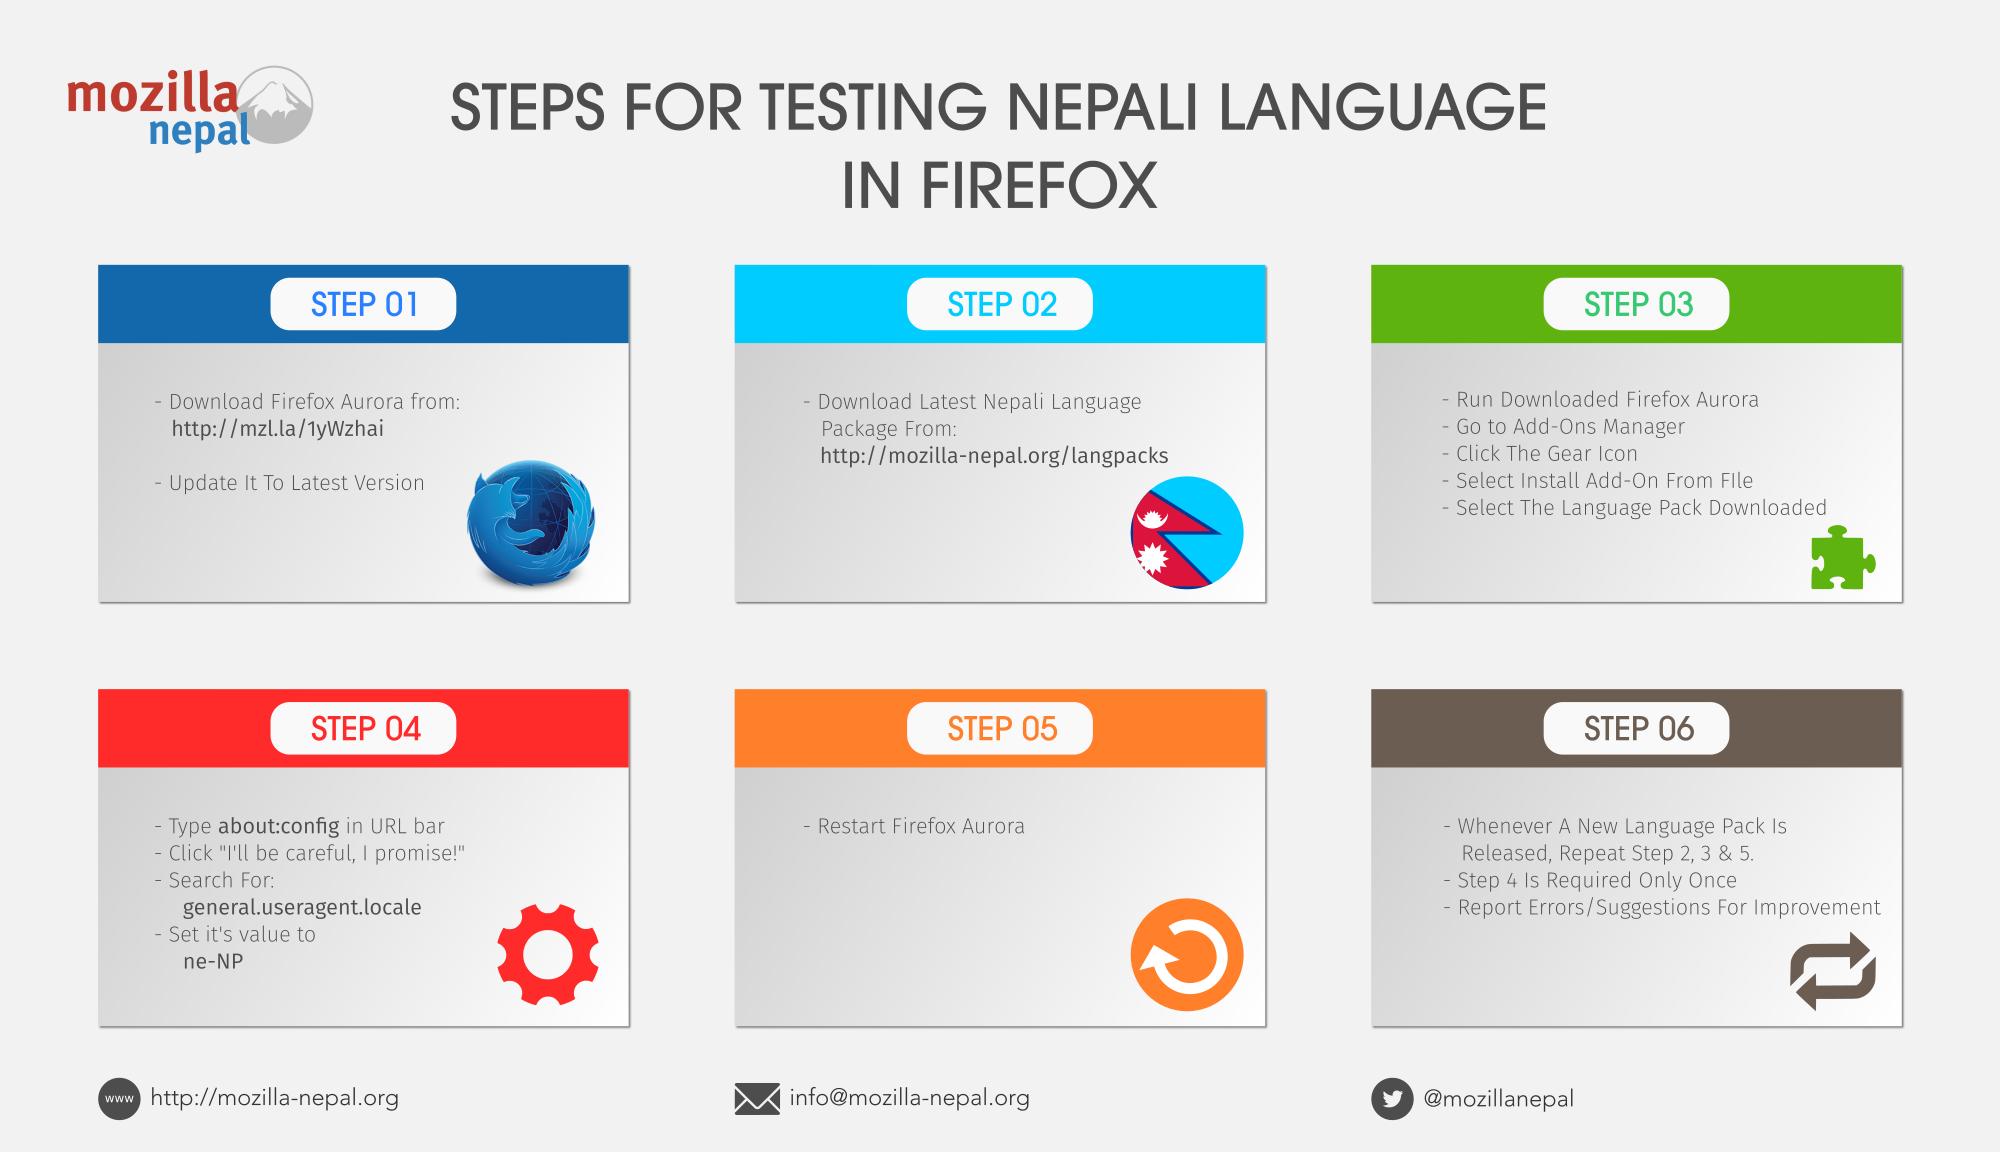 Mozilla Nepal Localization